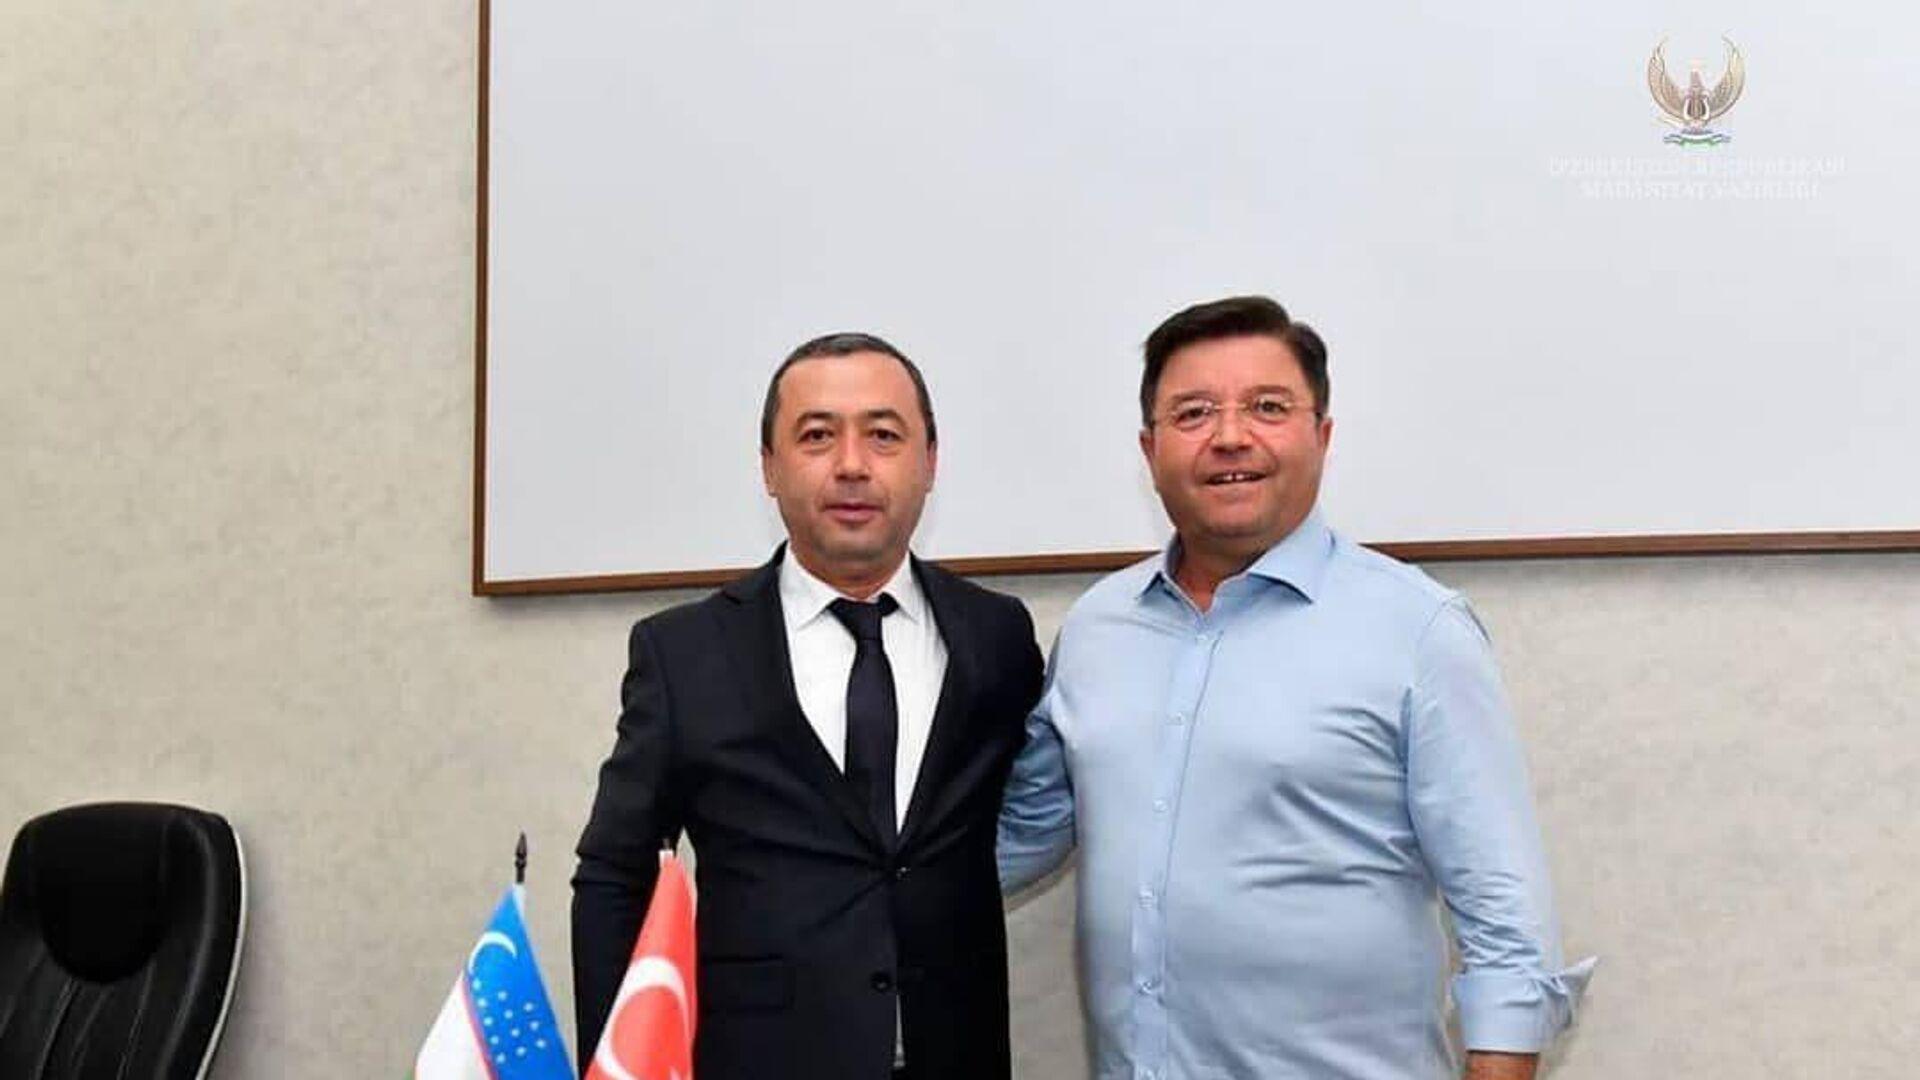 Узбекистан и Турция укрепят сотрудничество в сфере культуры - Sputnik Узбекистан, 1920, 05.07.2021